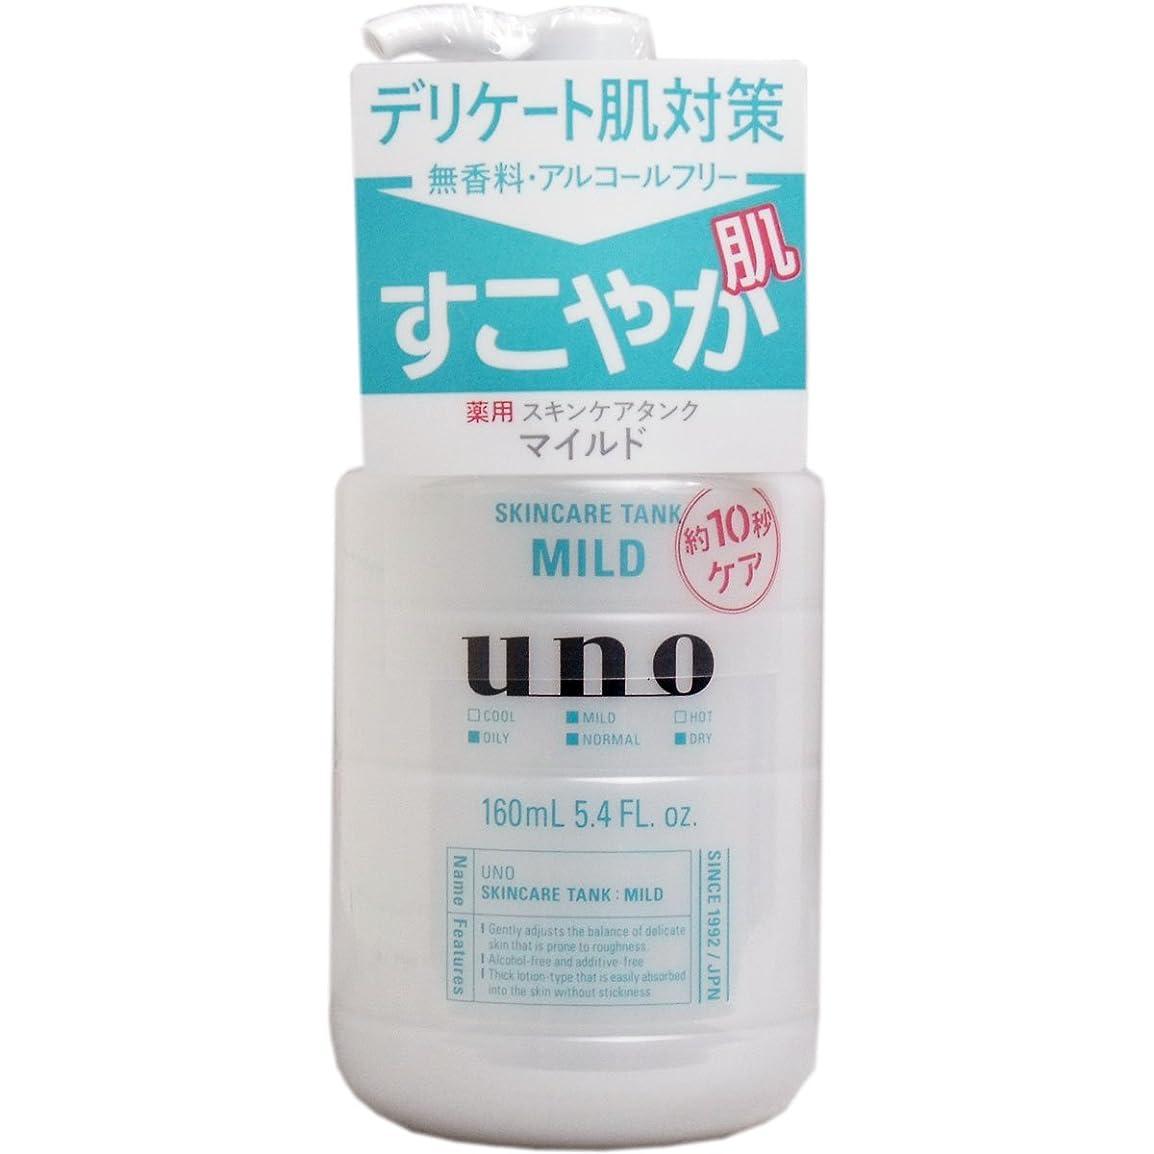 気をつけて水素郵便【資生堂】ウーノ(uno) スキンケアタンク (マイルド) 160mL ×3個セット